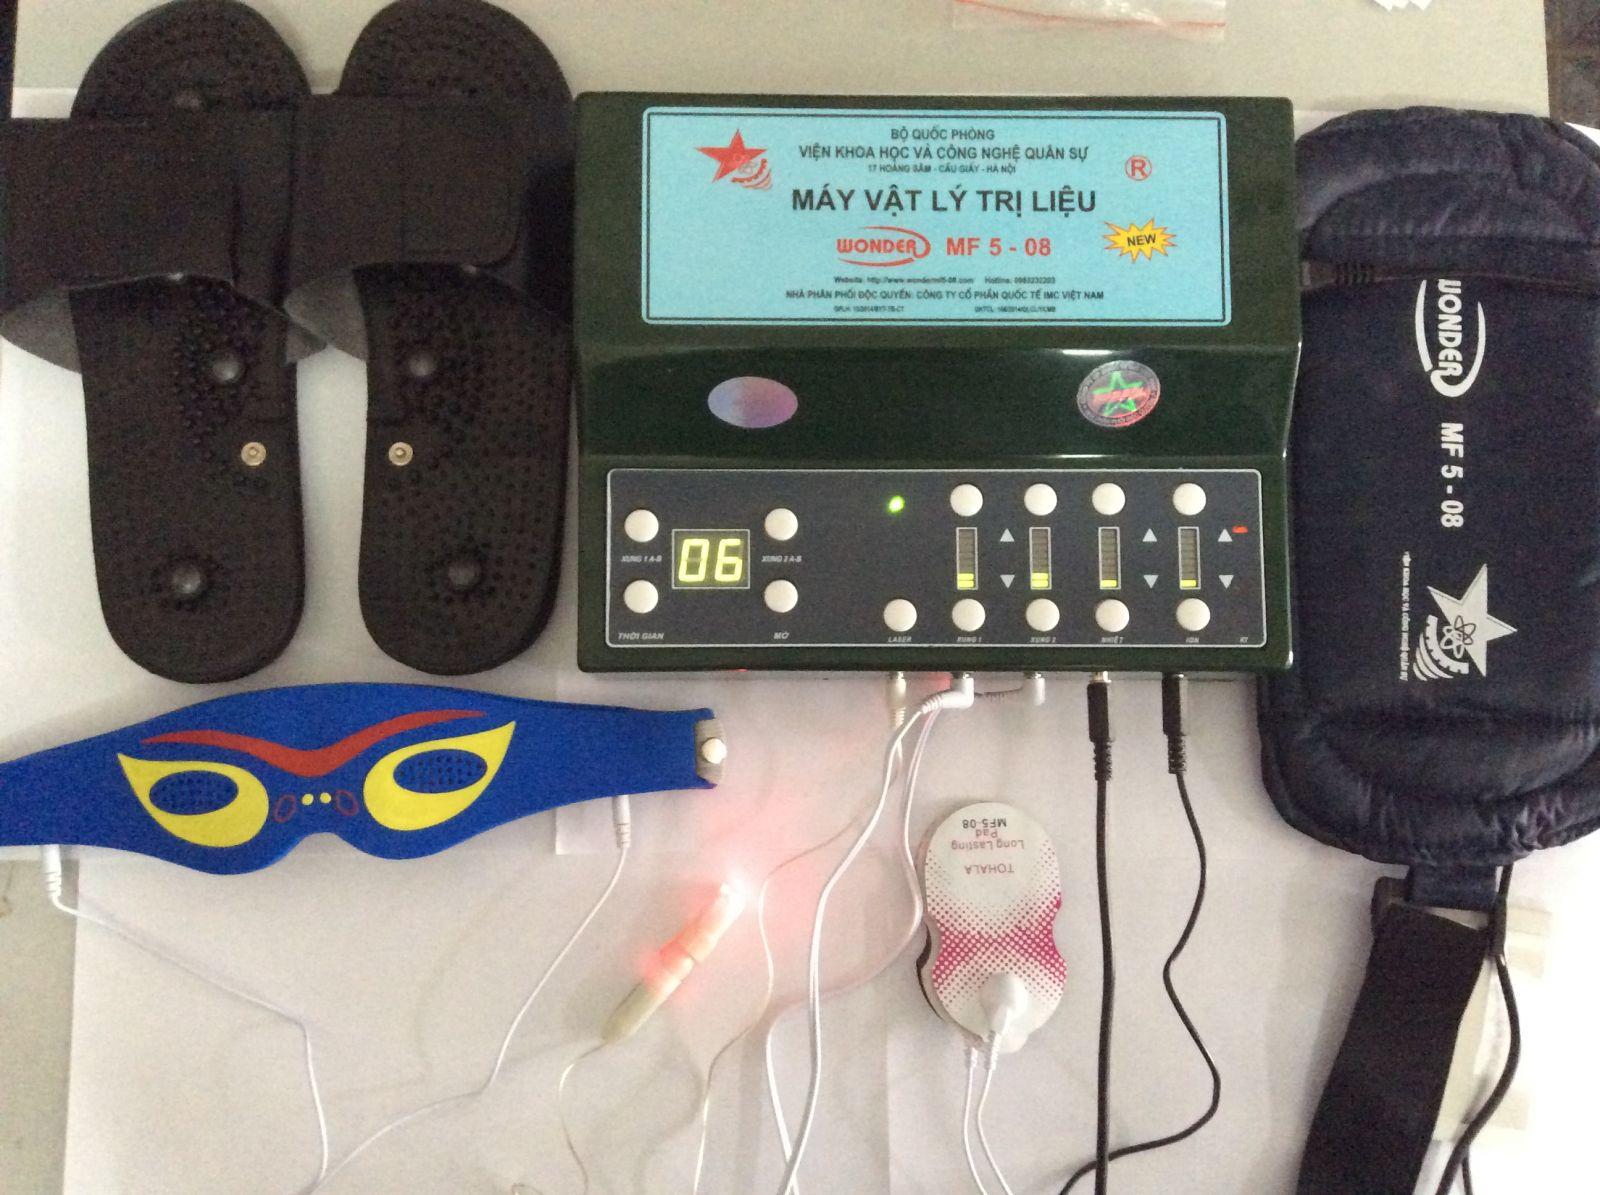 máy vật lý trị liệu đa năng wonder mf5-08N